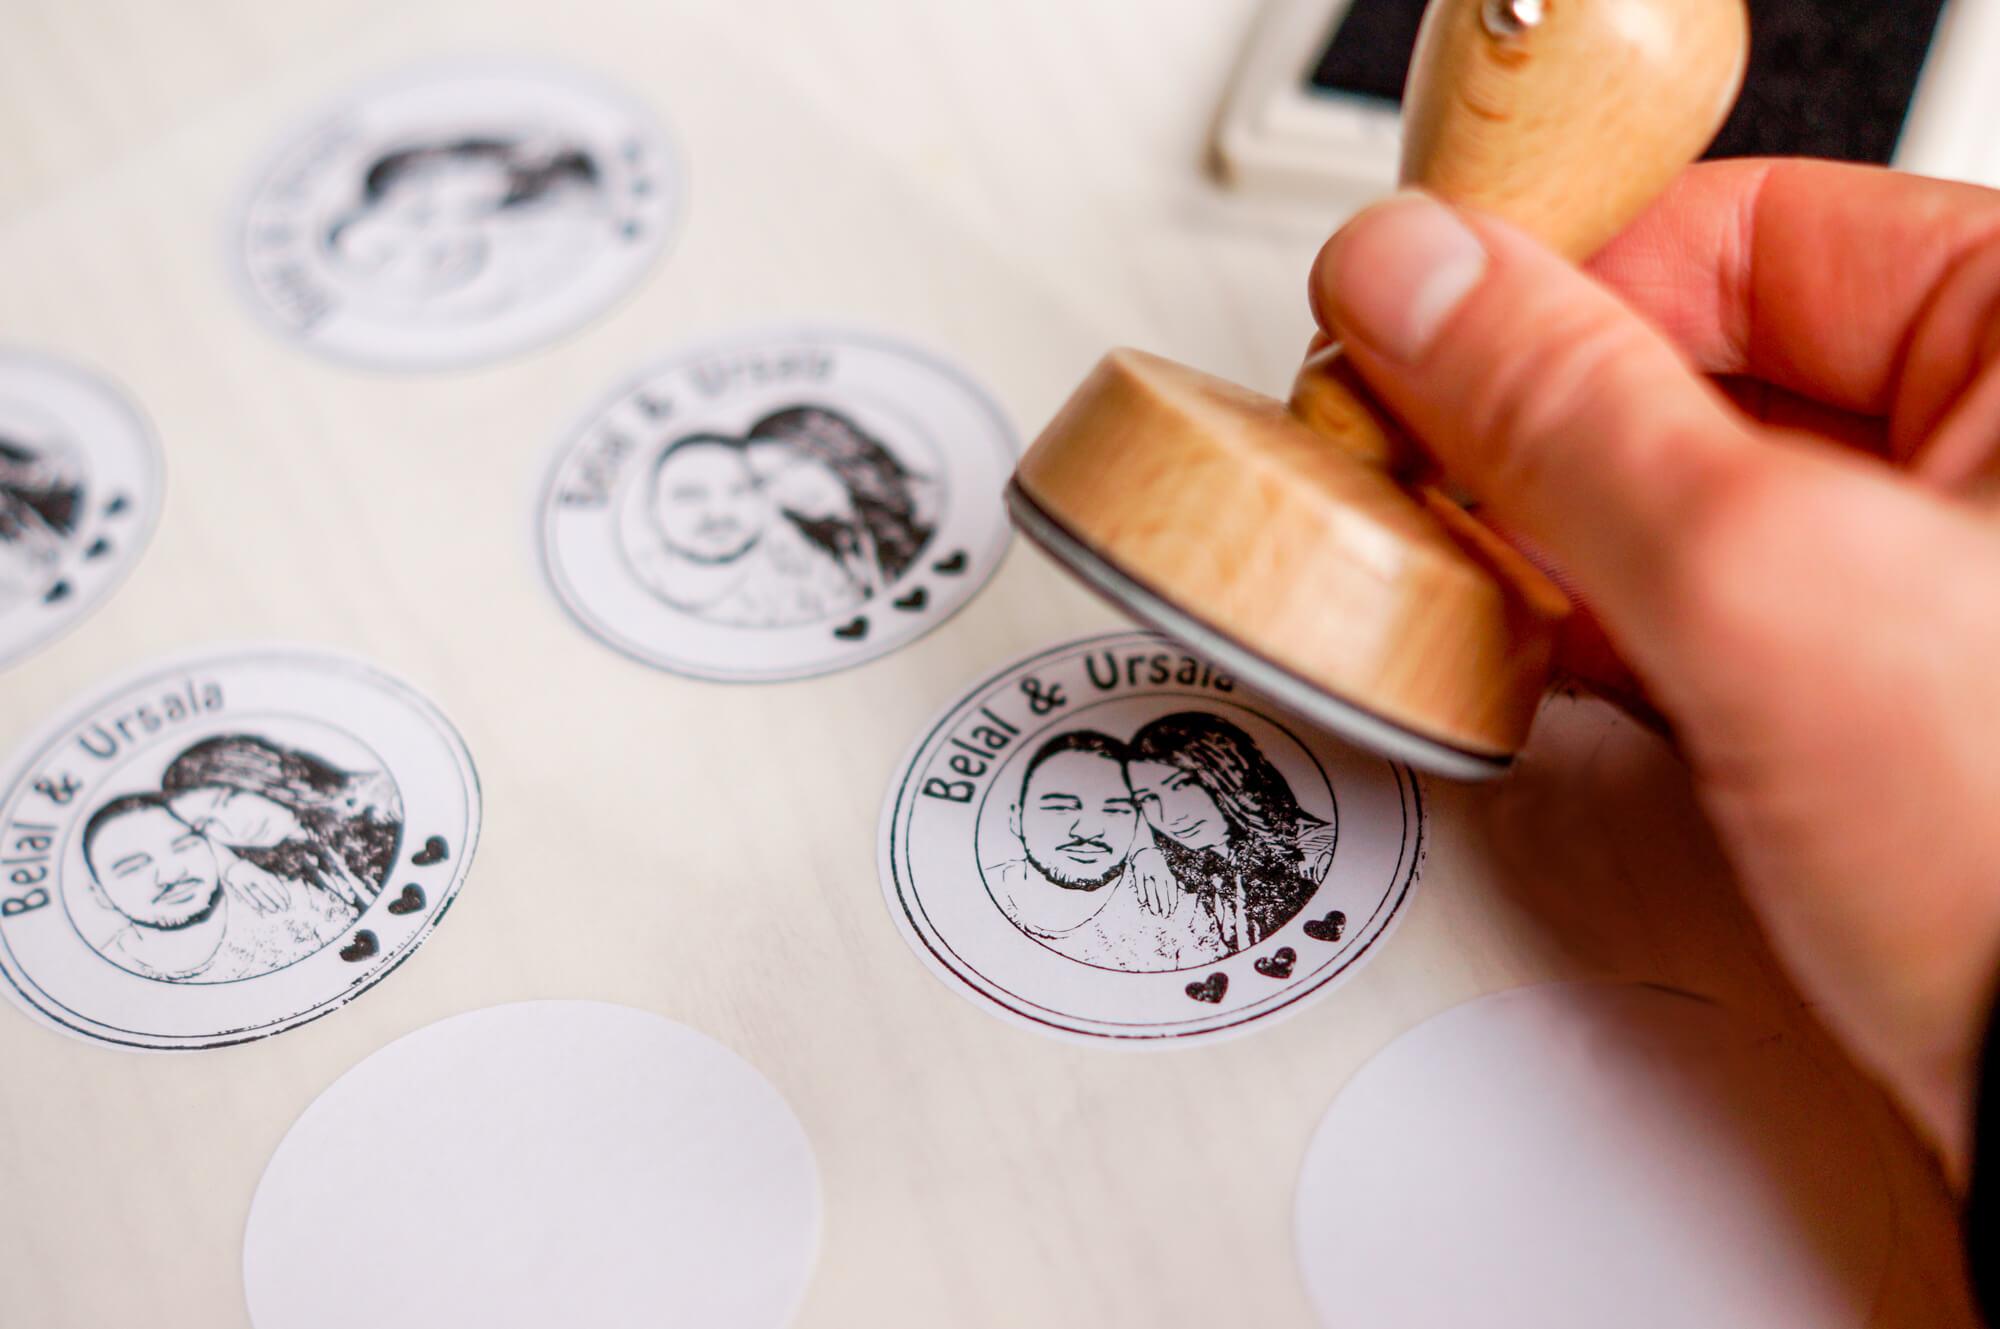 Fotostempel-Stempel-mit-Gesicht-Hochzeitslogo-6b-von-25